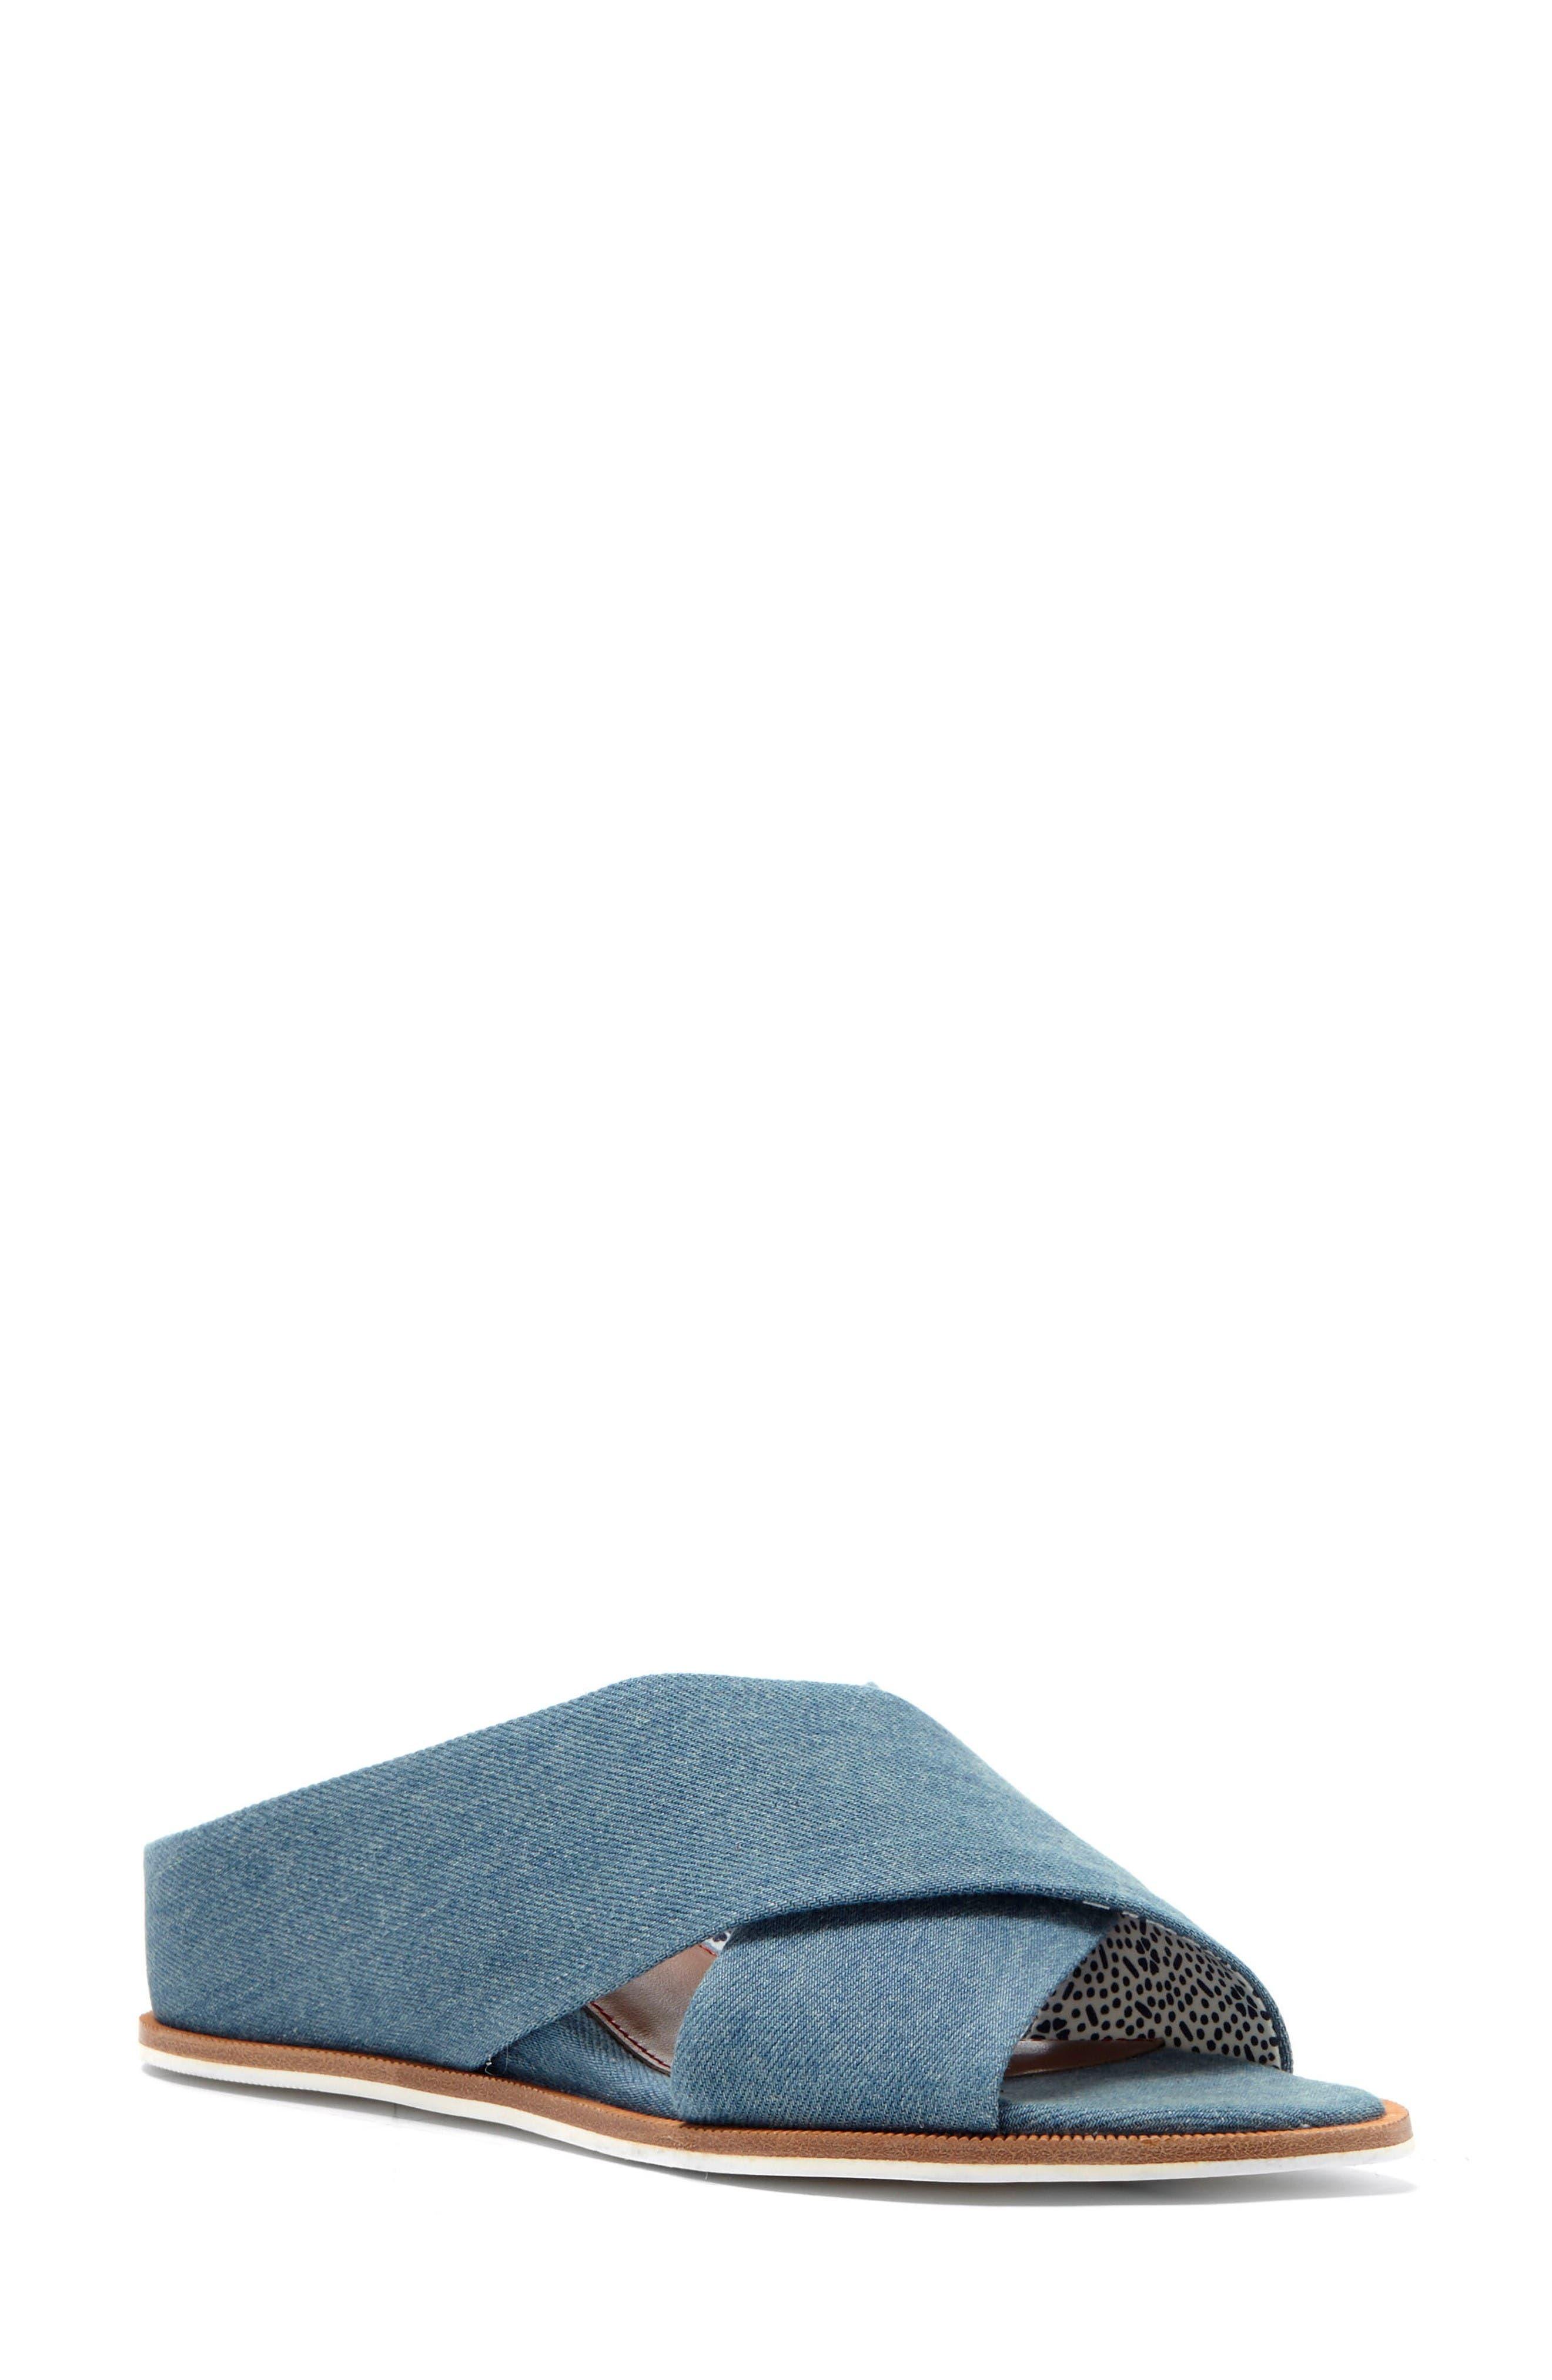 Alternate Image 1 Selected - ED Ellen DeGeneres Treya Slide Sandal (Women)